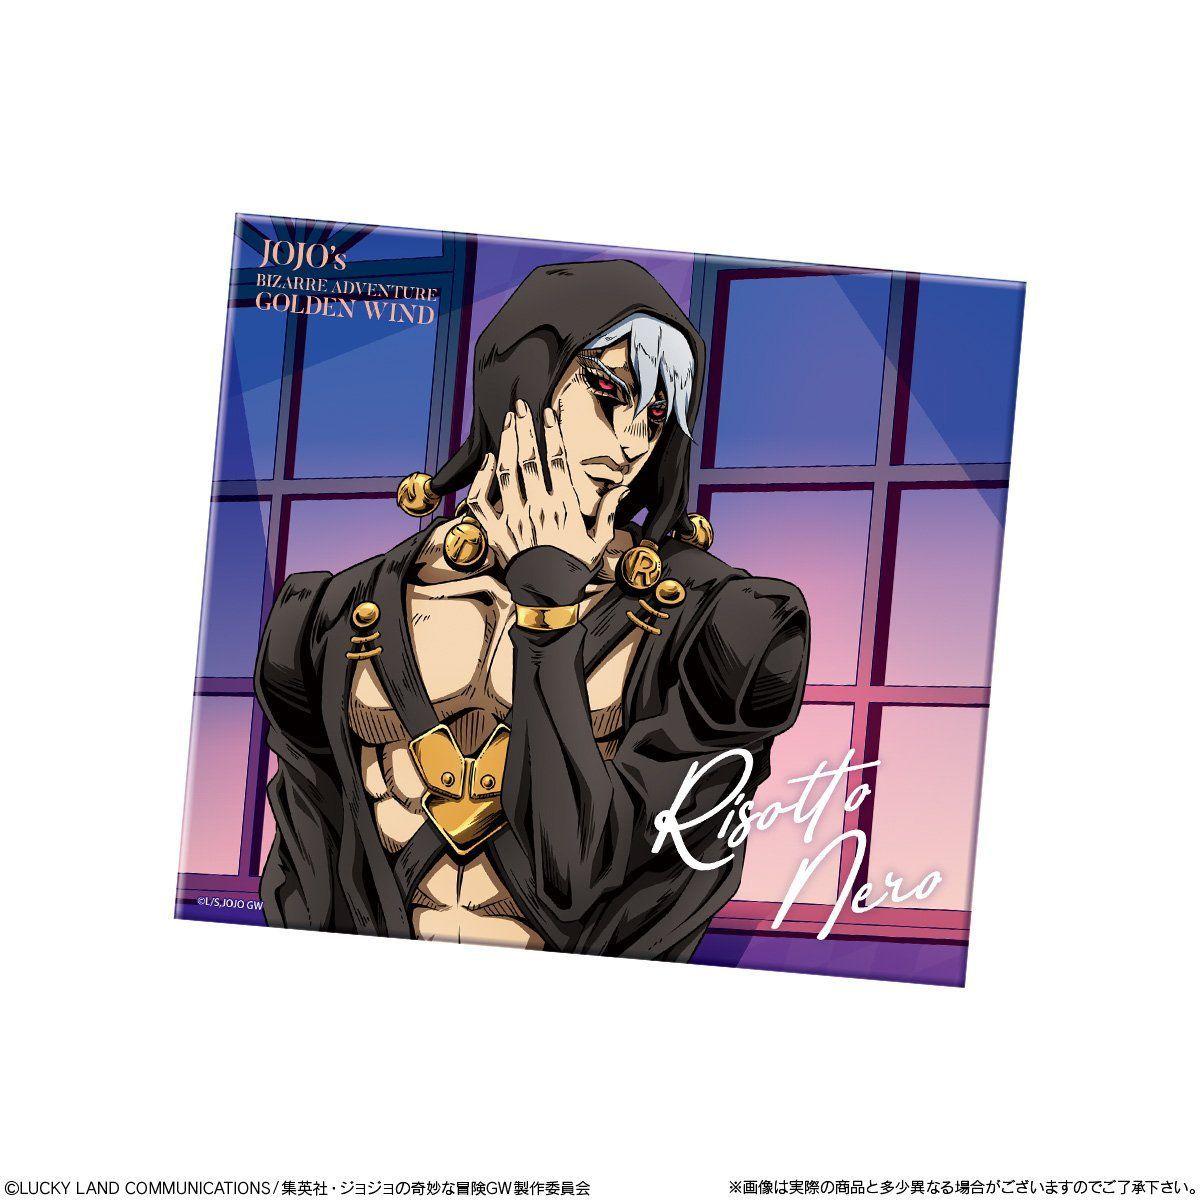 【食玩】ジョジョ『ジョジョの奇妙な冒険 黄金の風 canvas style -キャンバススタイル-』10個入りBOX-004